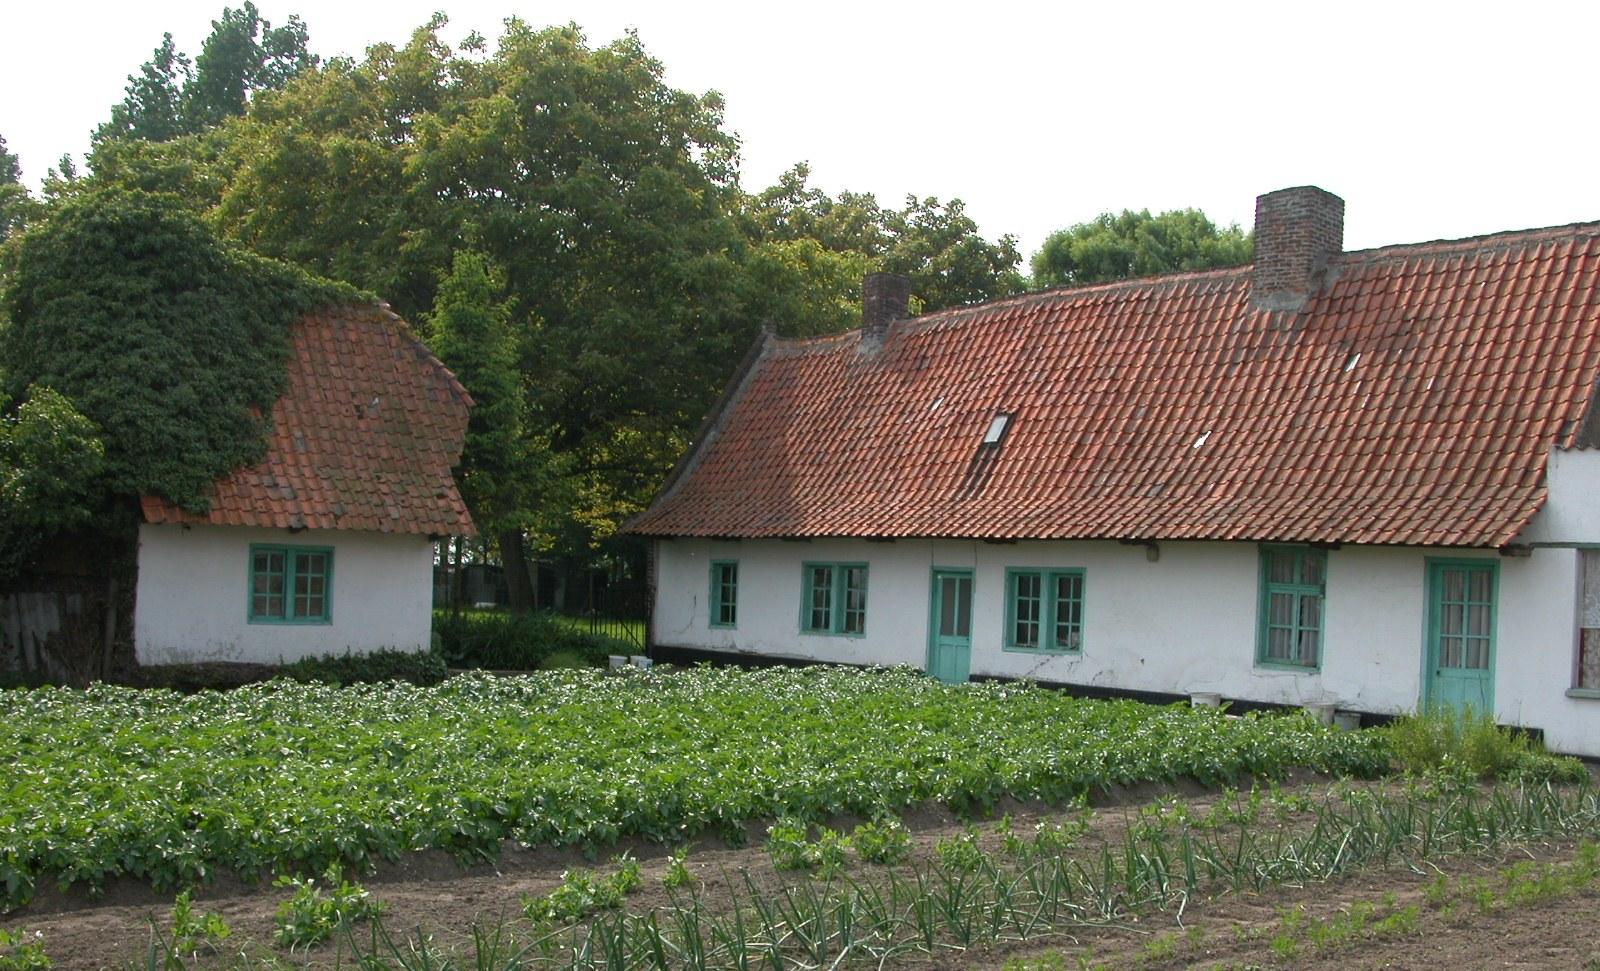 habitation-pans-bois-torchis